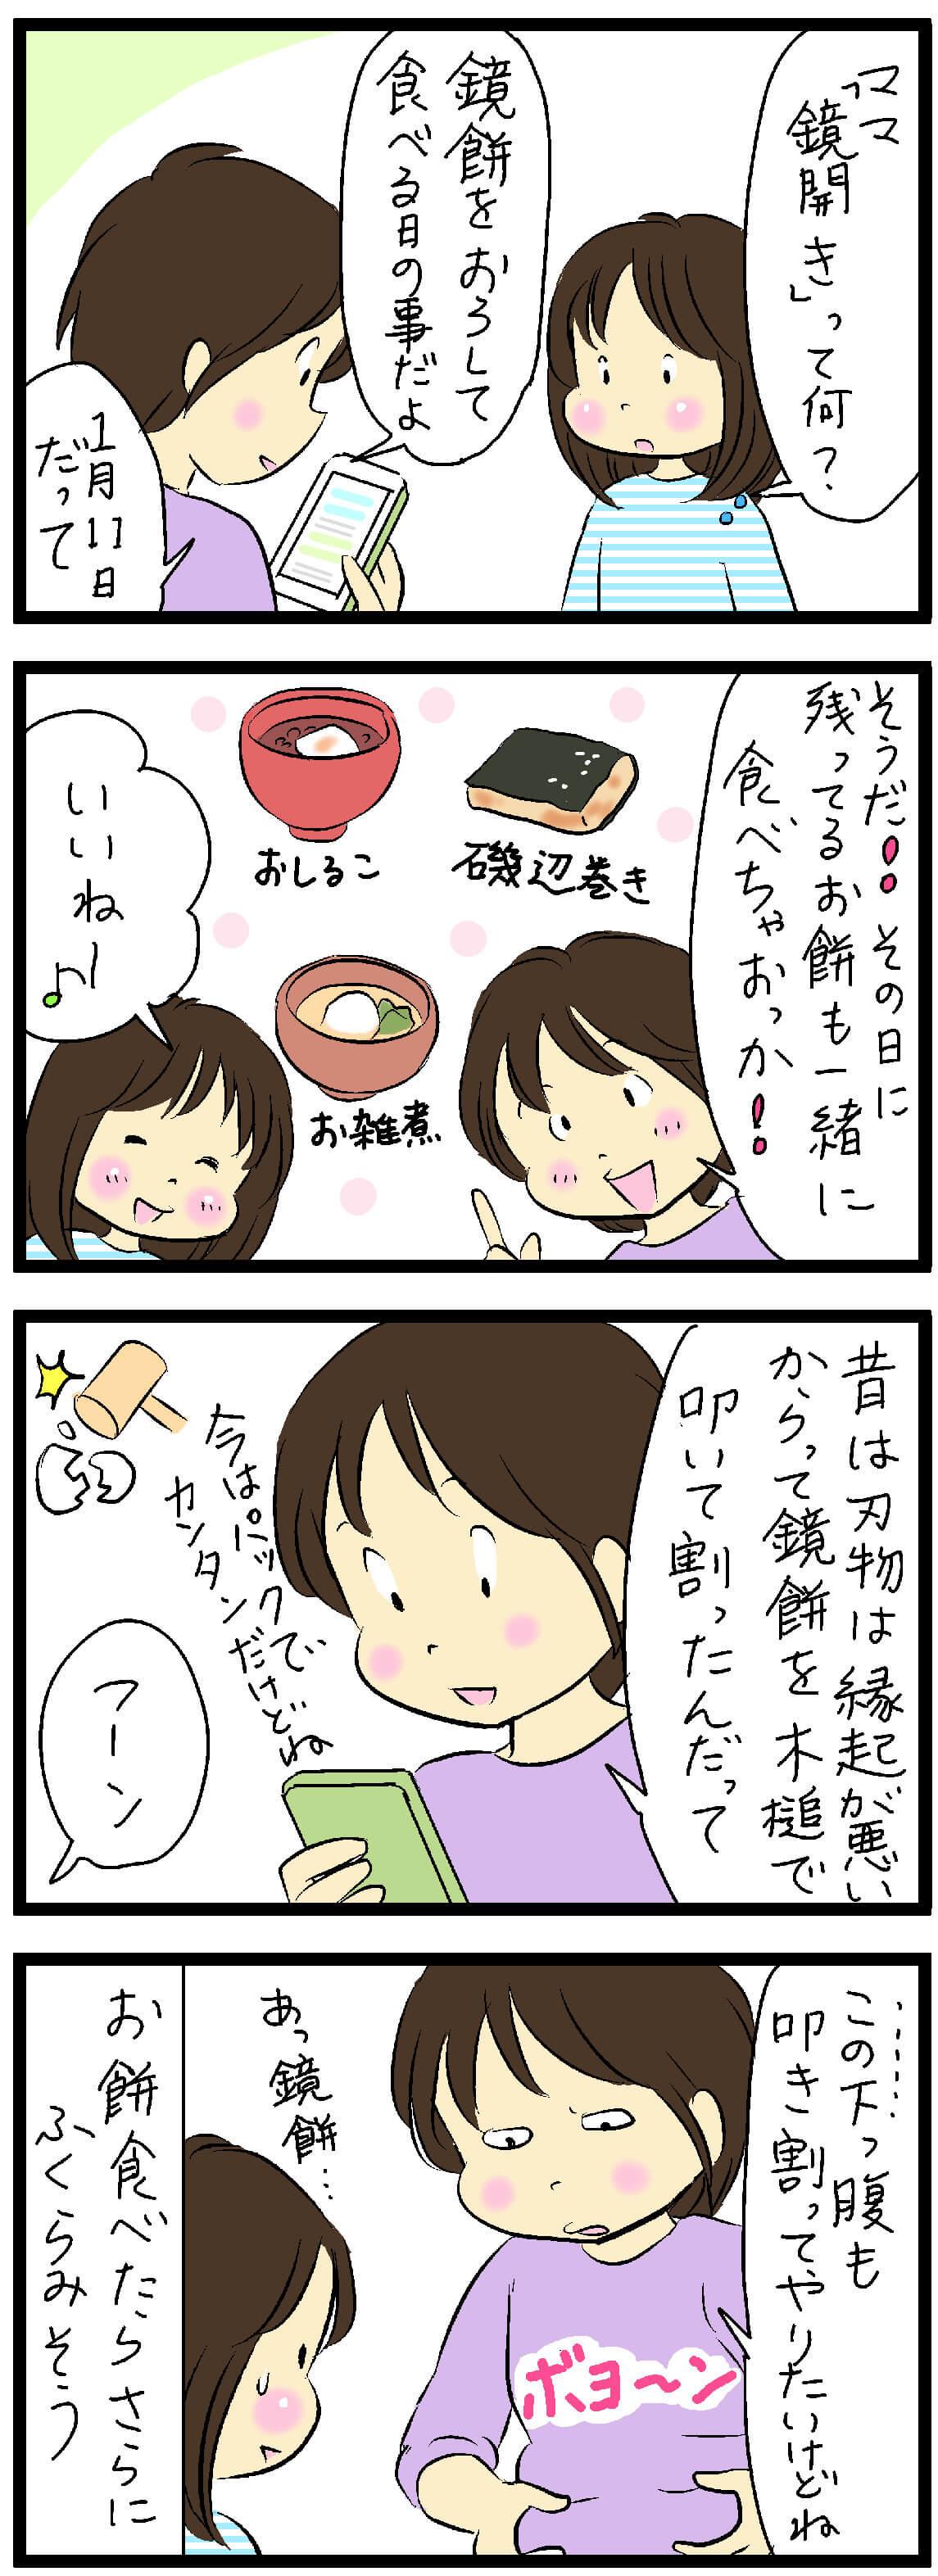 毎日33修正しあげ最終 (1).jpg